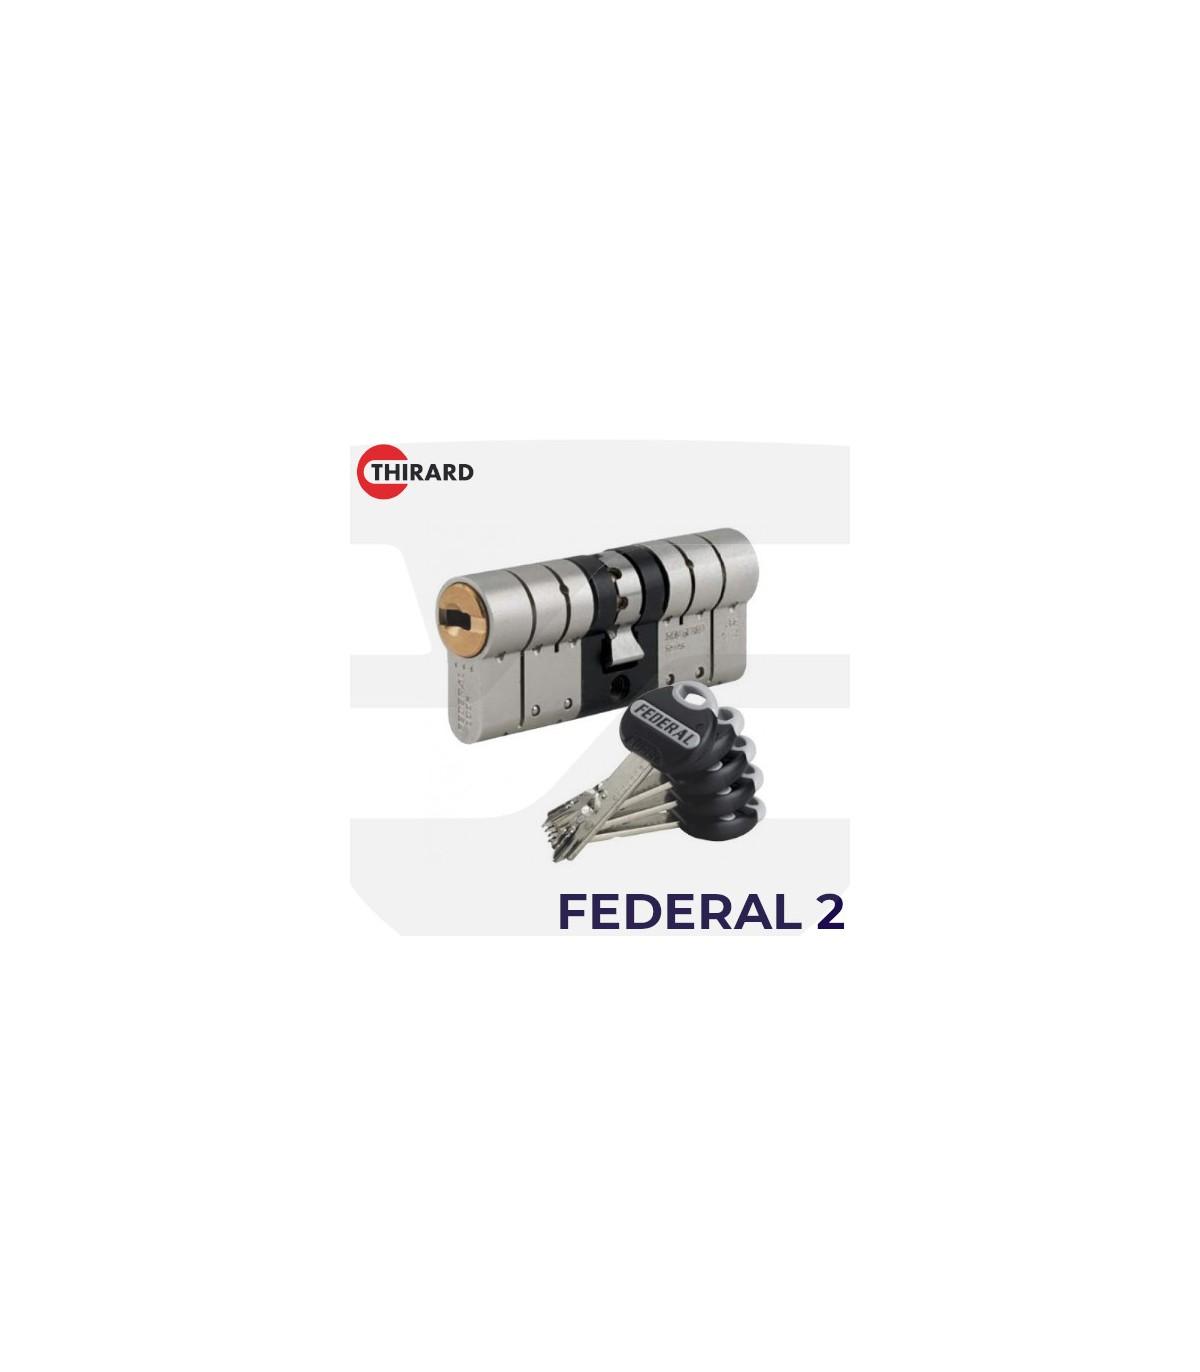 Cilindro thirard federal 2